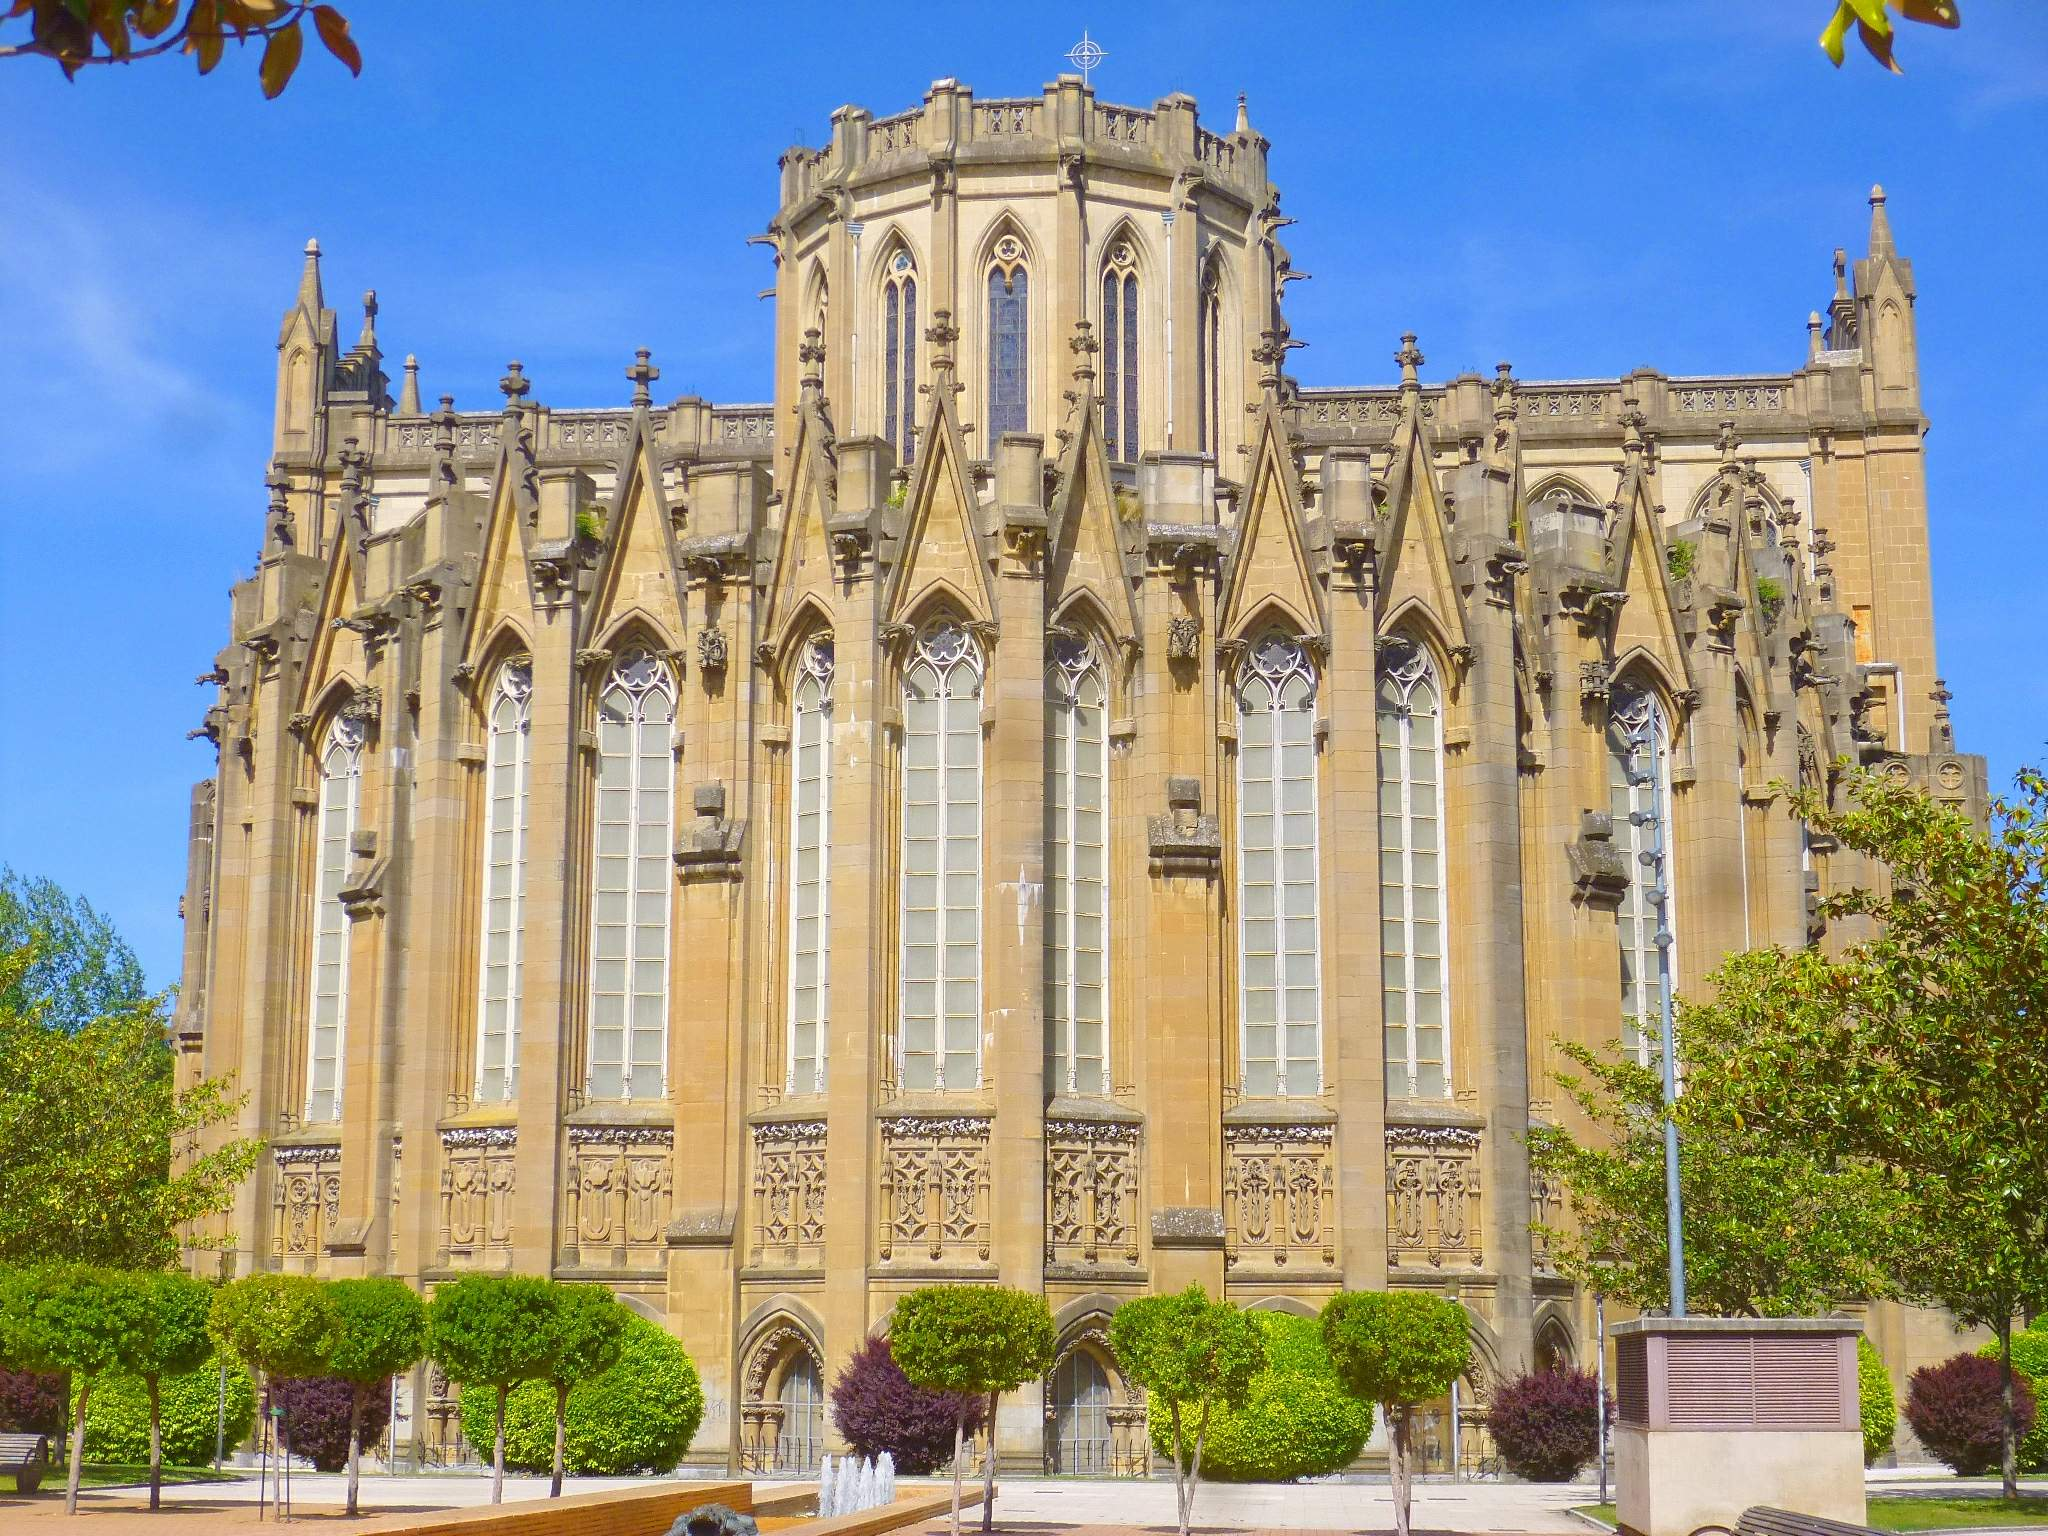 Maria Sortzez Garbiaren katedrala irudia